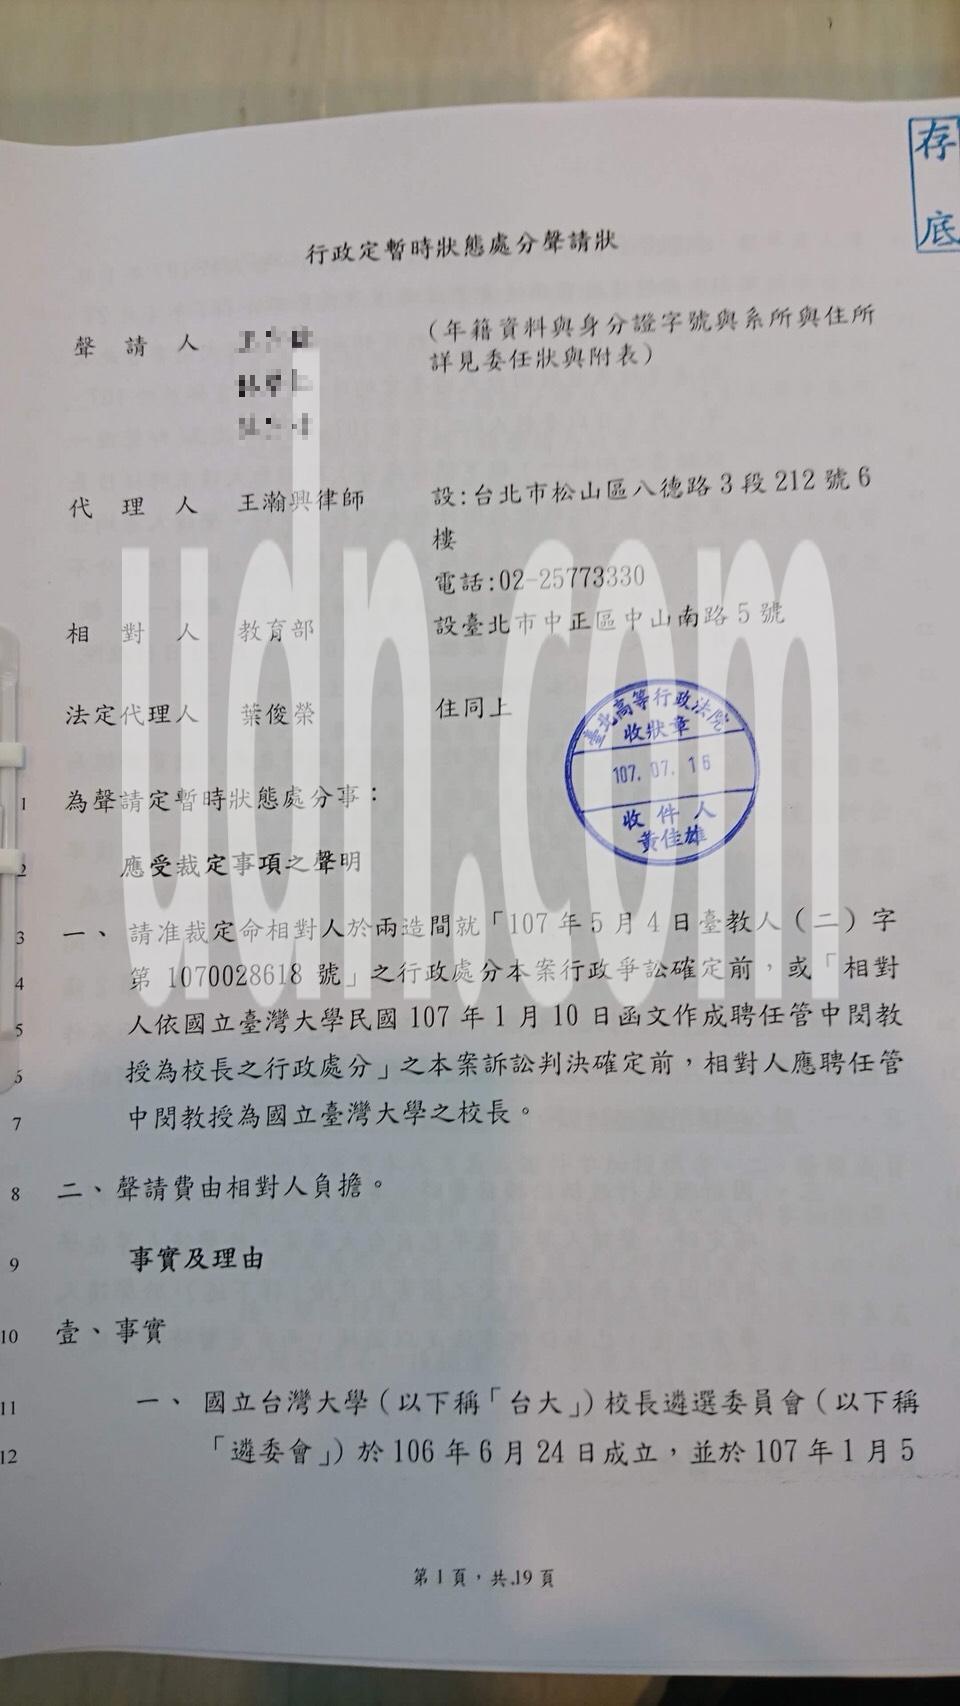 提出訴願的台大學生中,昨天已有人向台北高等行政法院聲請定暫時狀態處分,在訴訟判決...